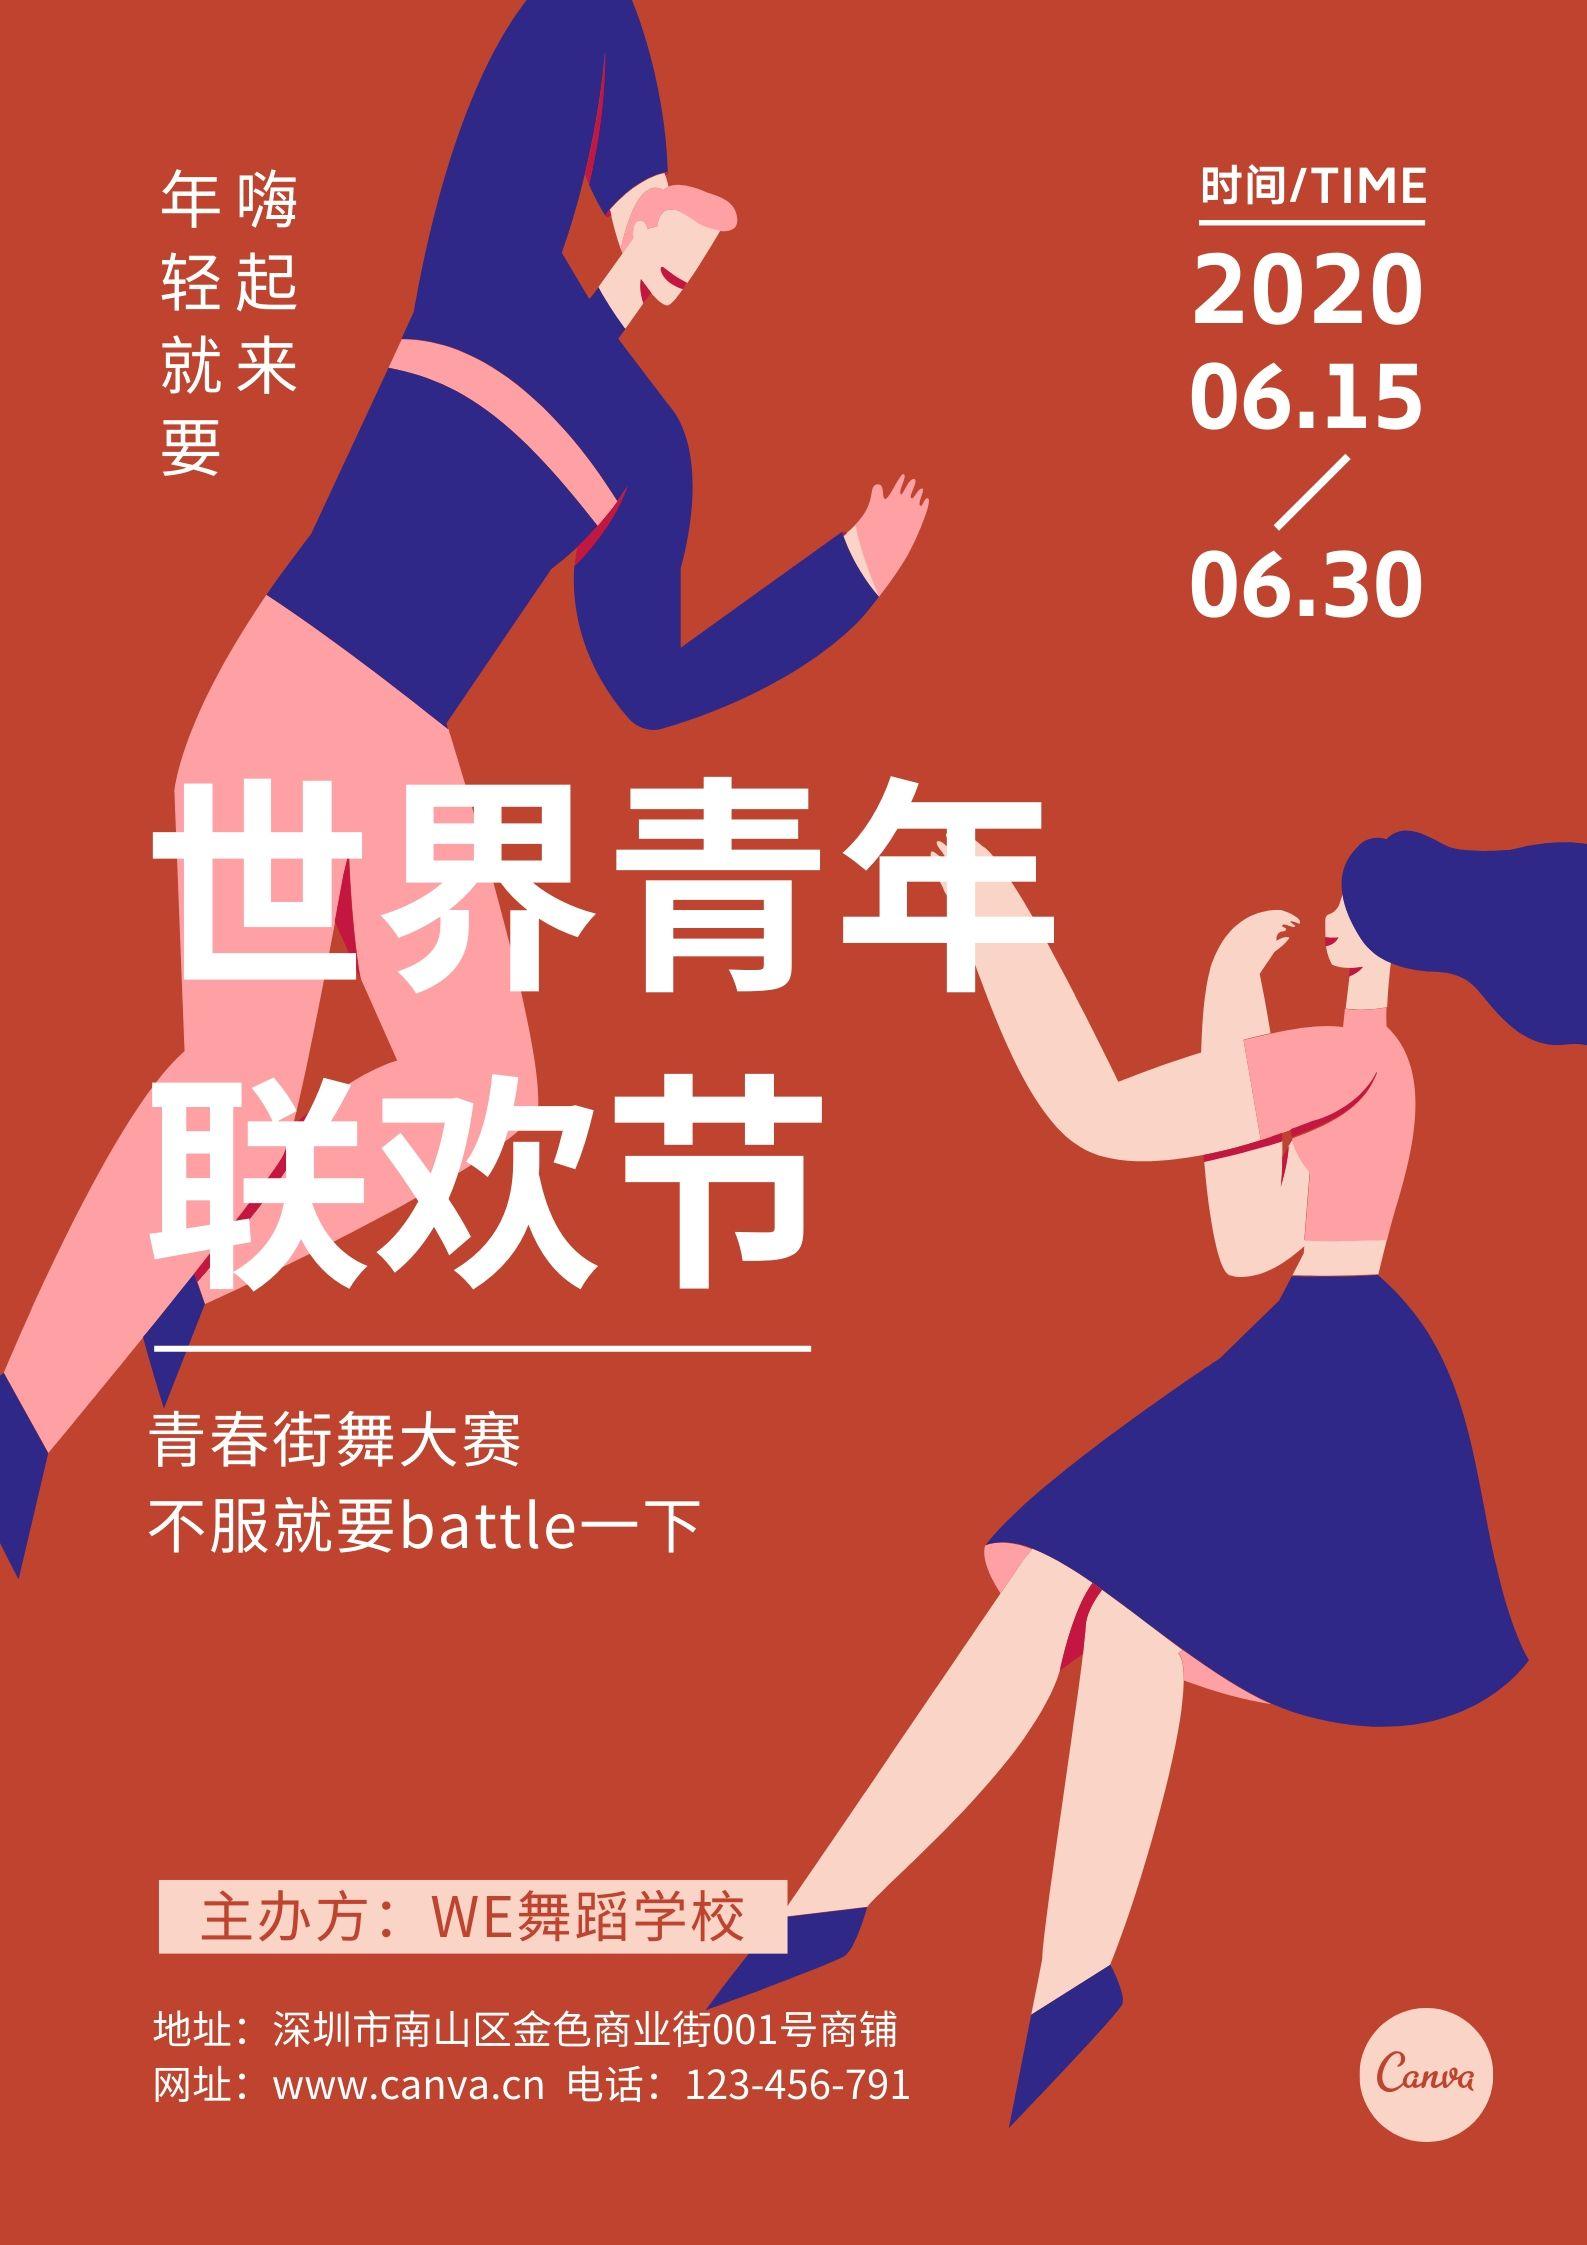 世界青年联欢节海报